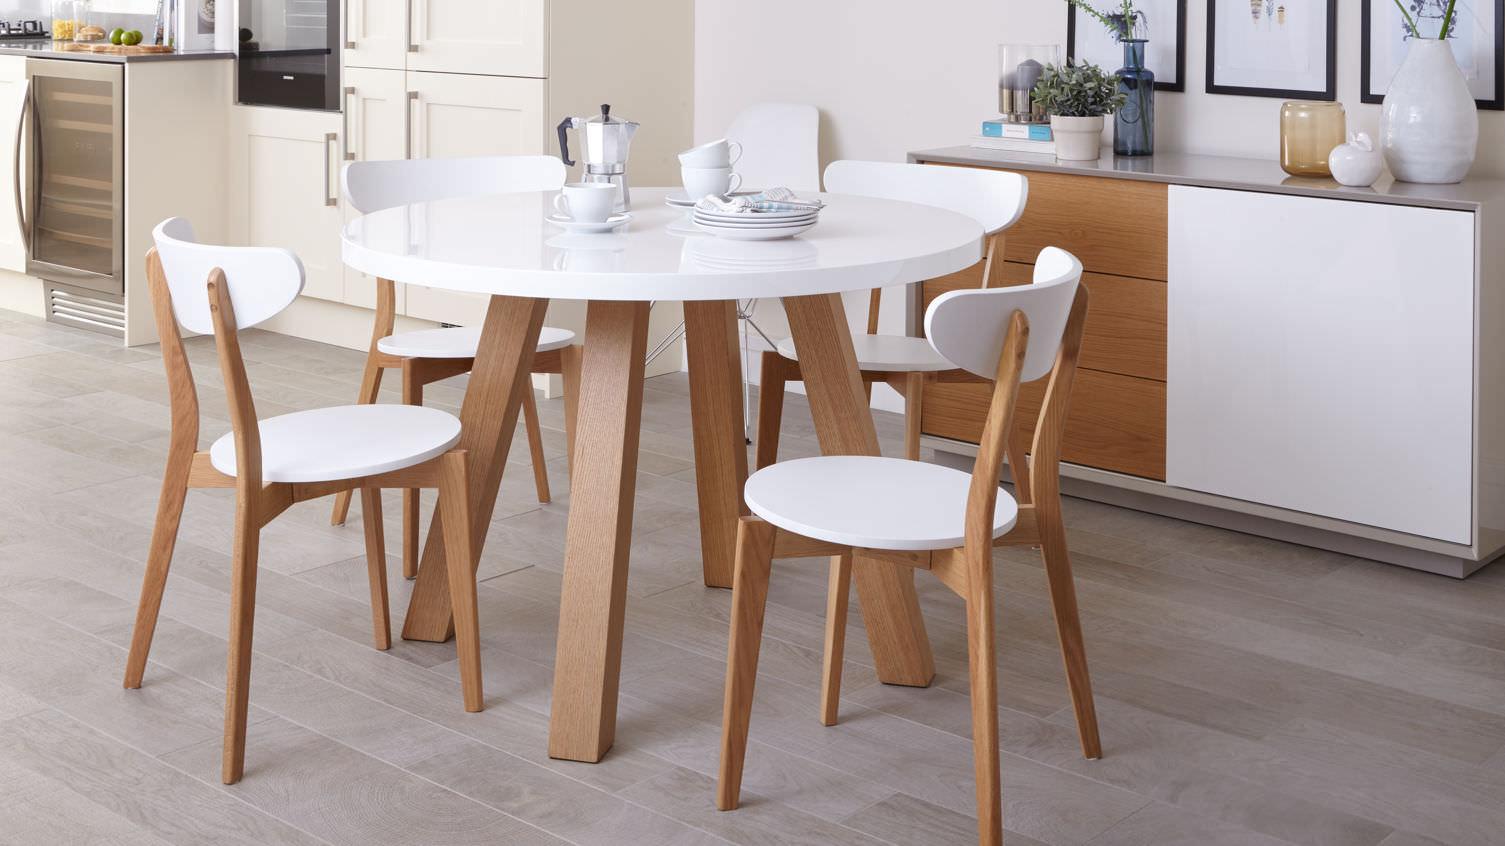 Как выбрать подходящий обеденный стол: 3 практичных совета